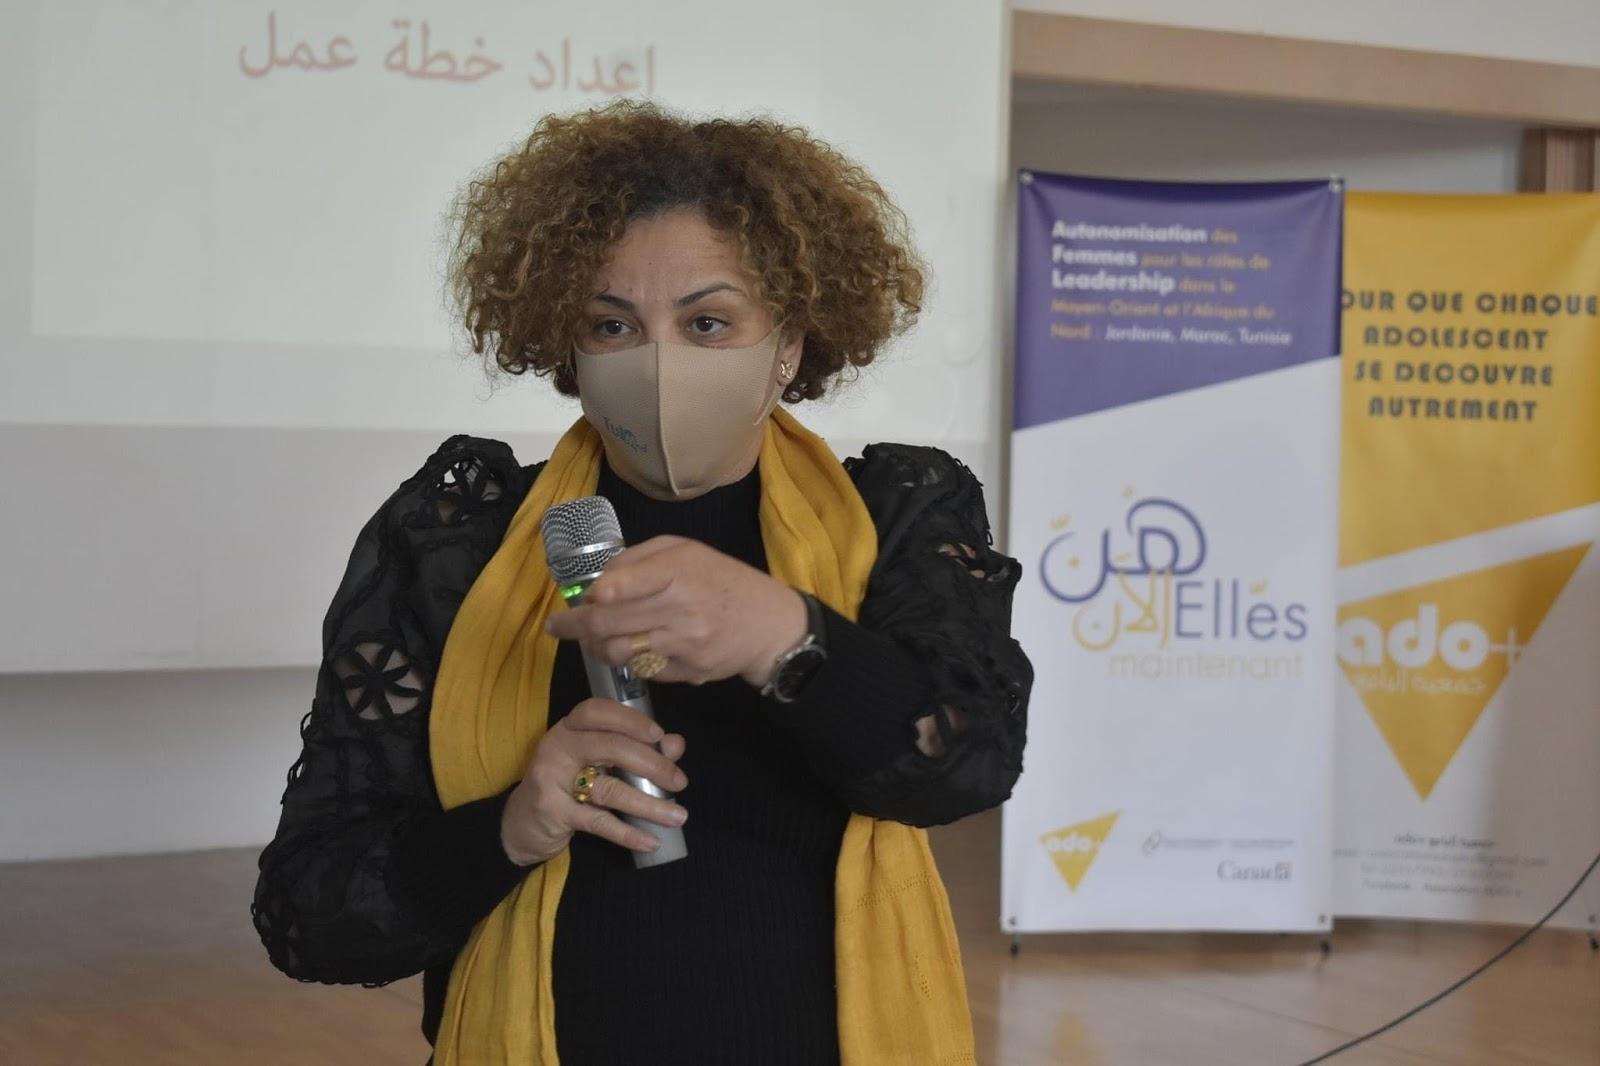 حوار مع هادية بن حاج يوسف، ناشطة في مجال حقوق الإنسان و المرأة